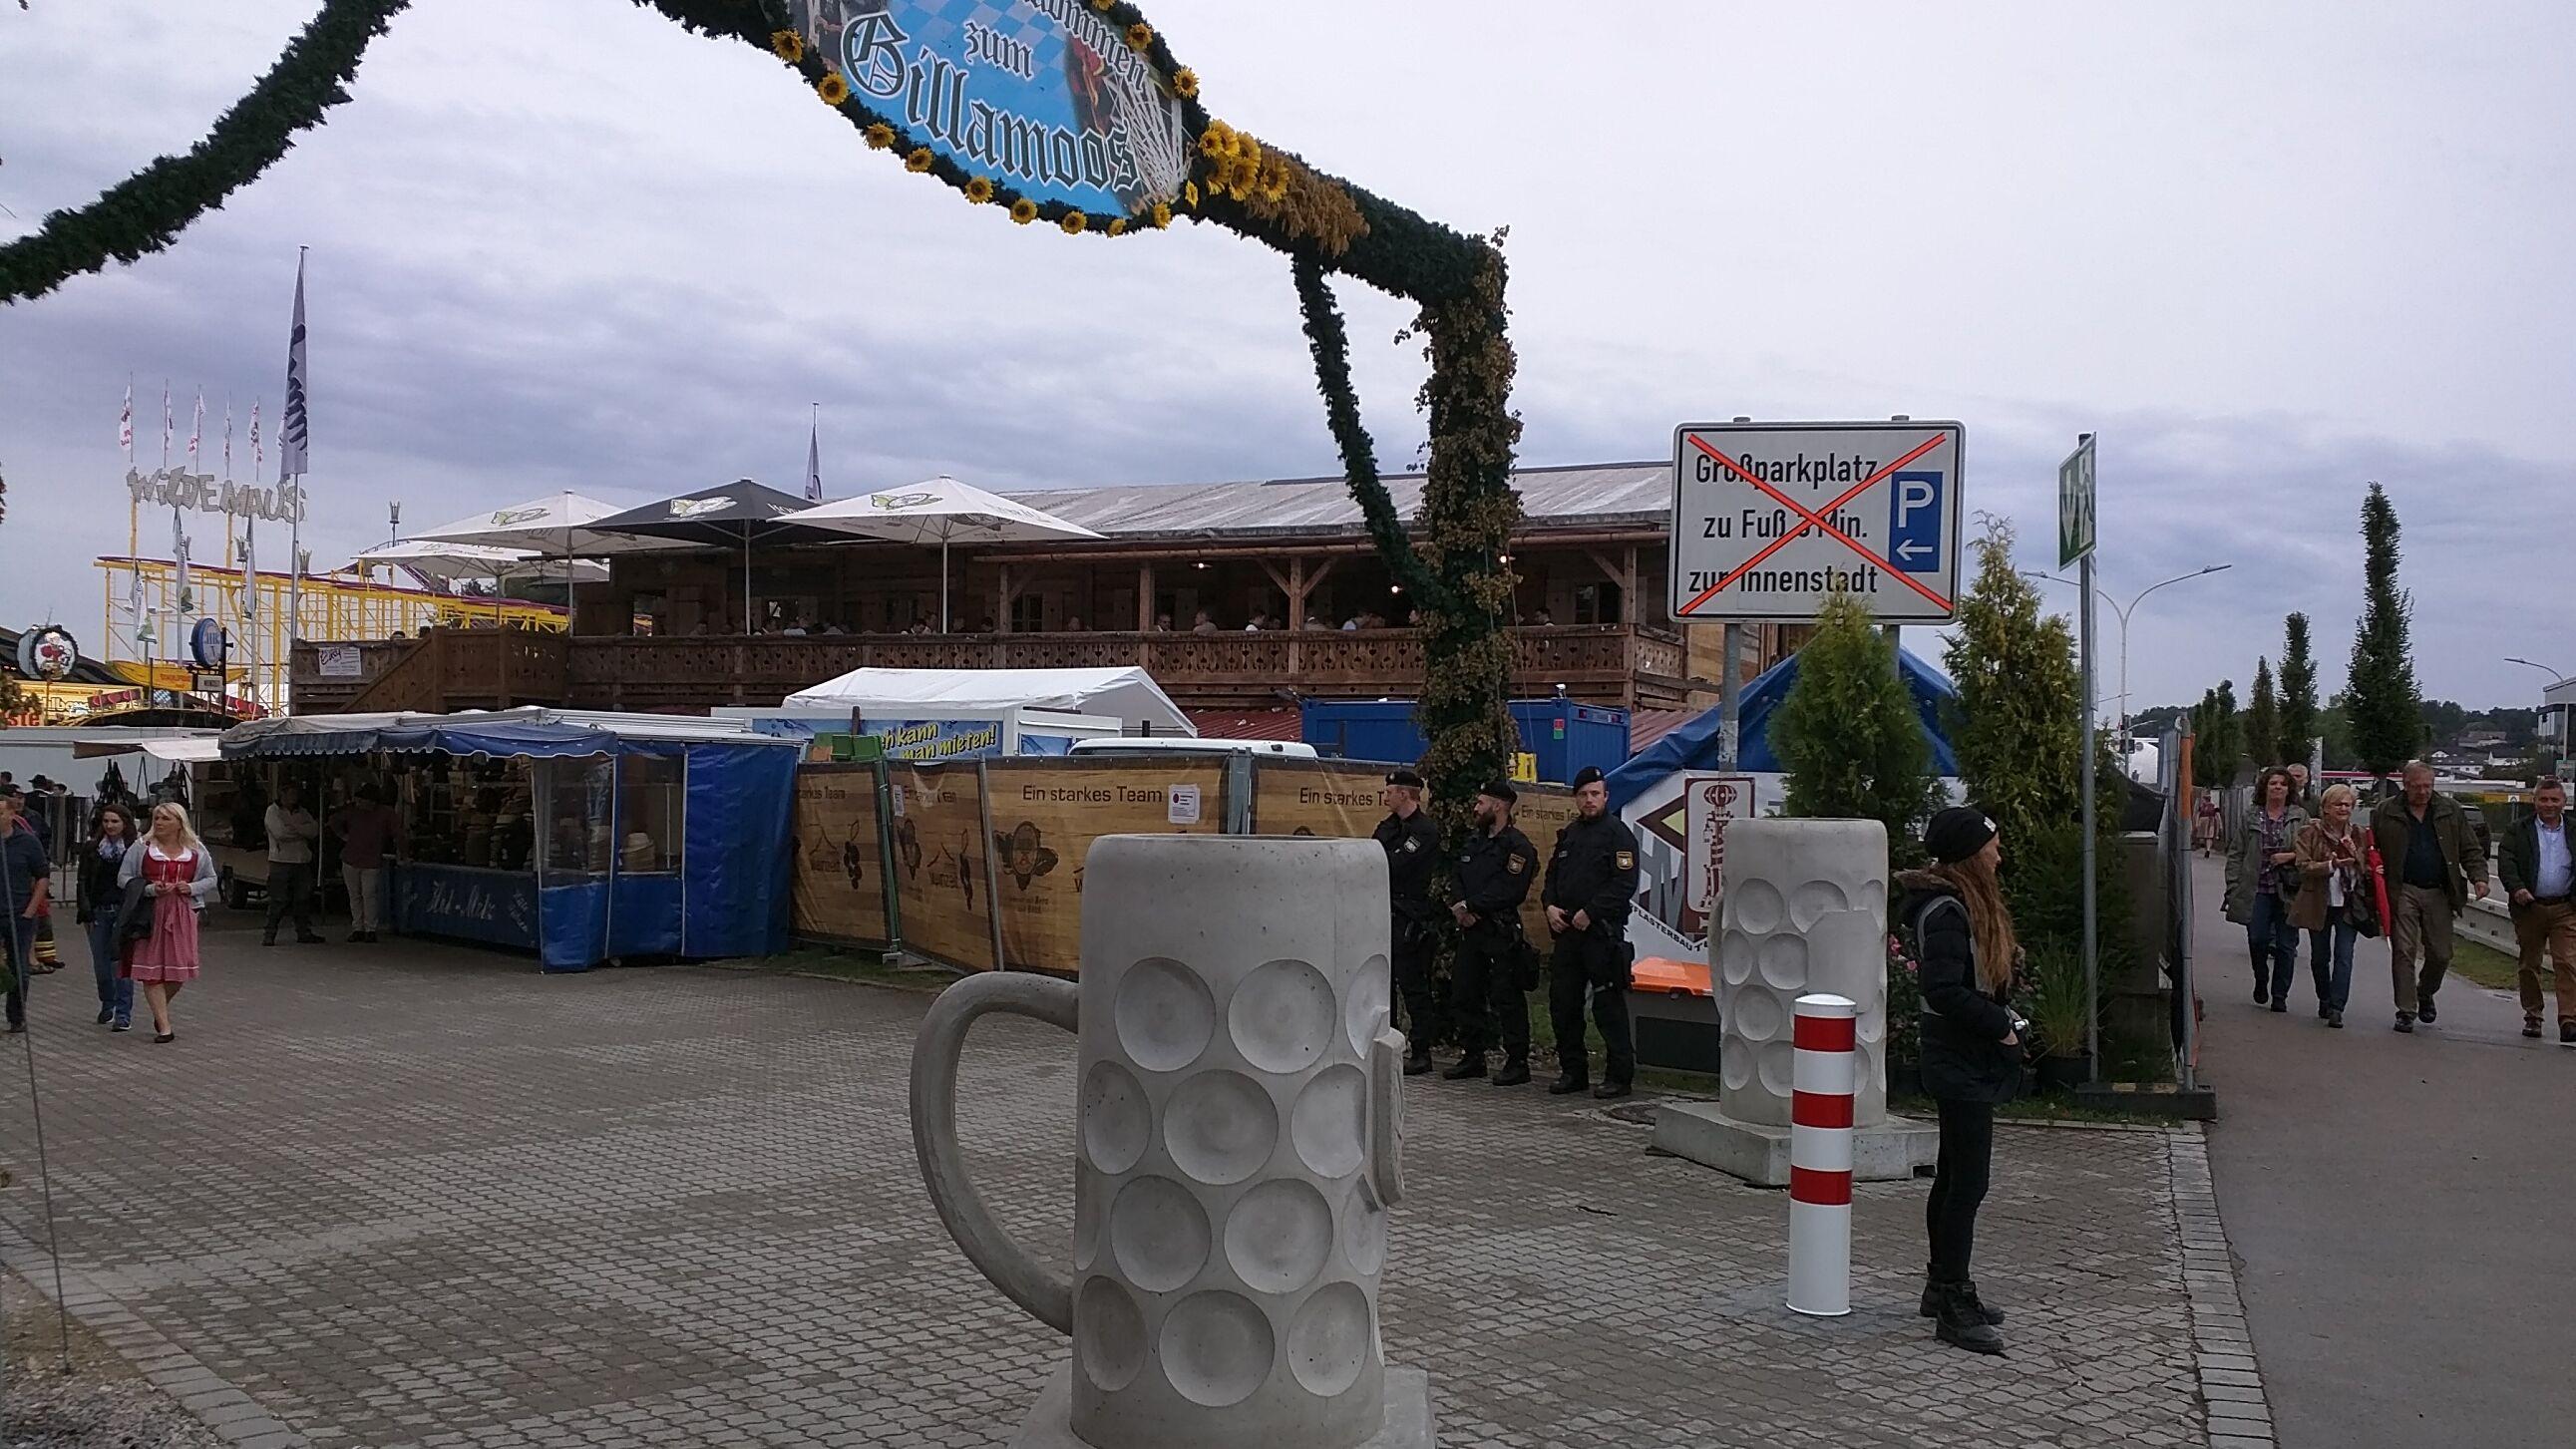 Eingang Gillamoos mit Betonpollern in Form von Maßkrügen